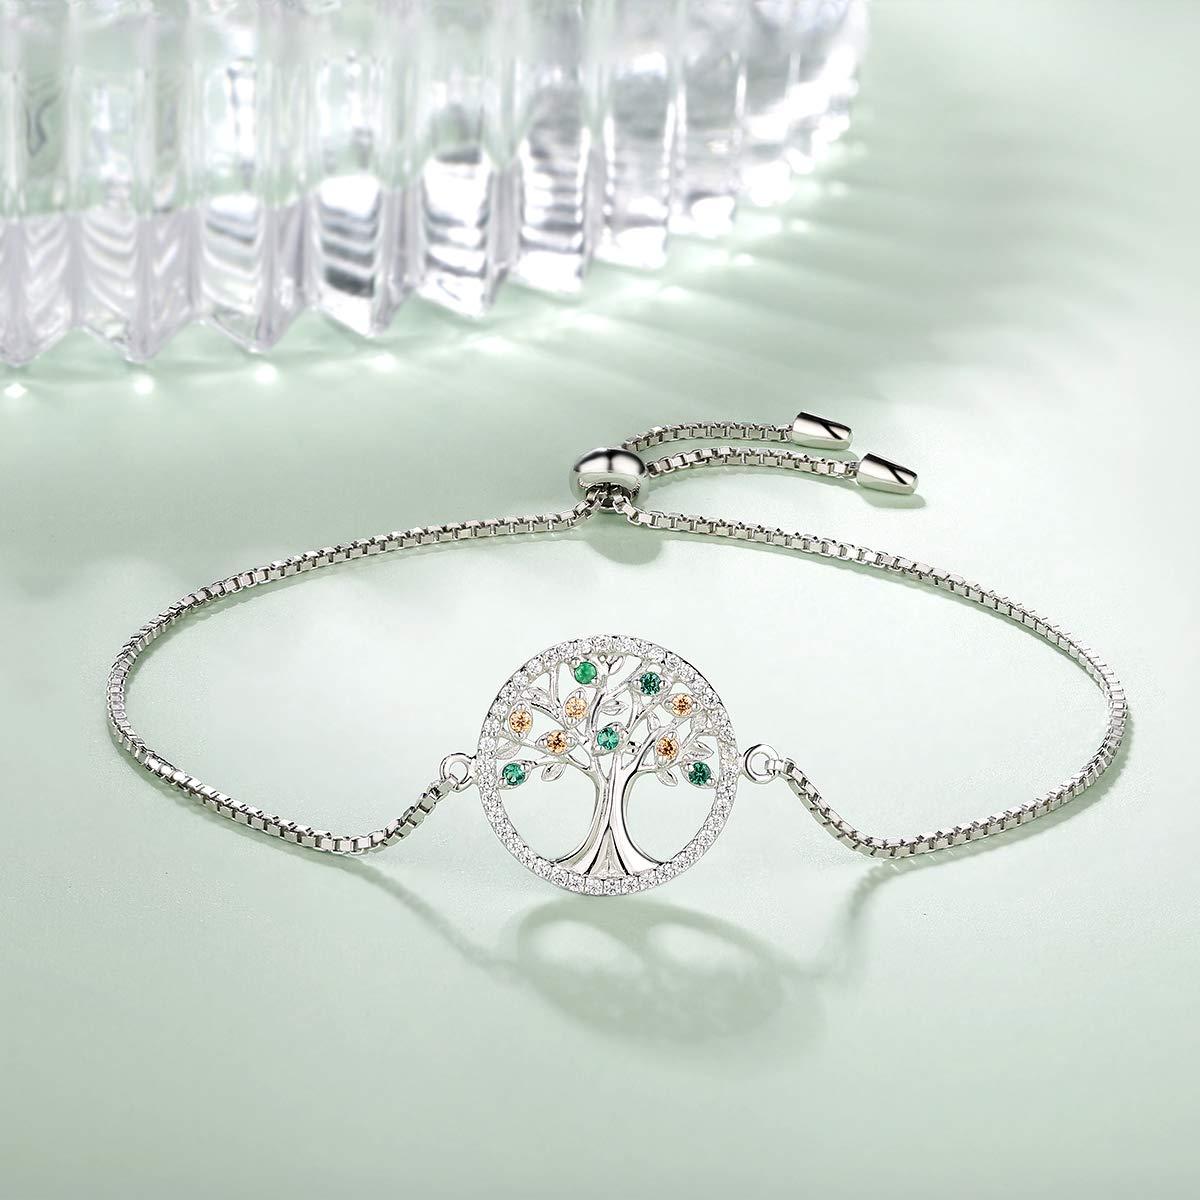 MEGA CREATIVE JEWELRY Bracelets pour Femme Arbre de Vie en Argent Or Rose 925 Cristaux de Swarovski